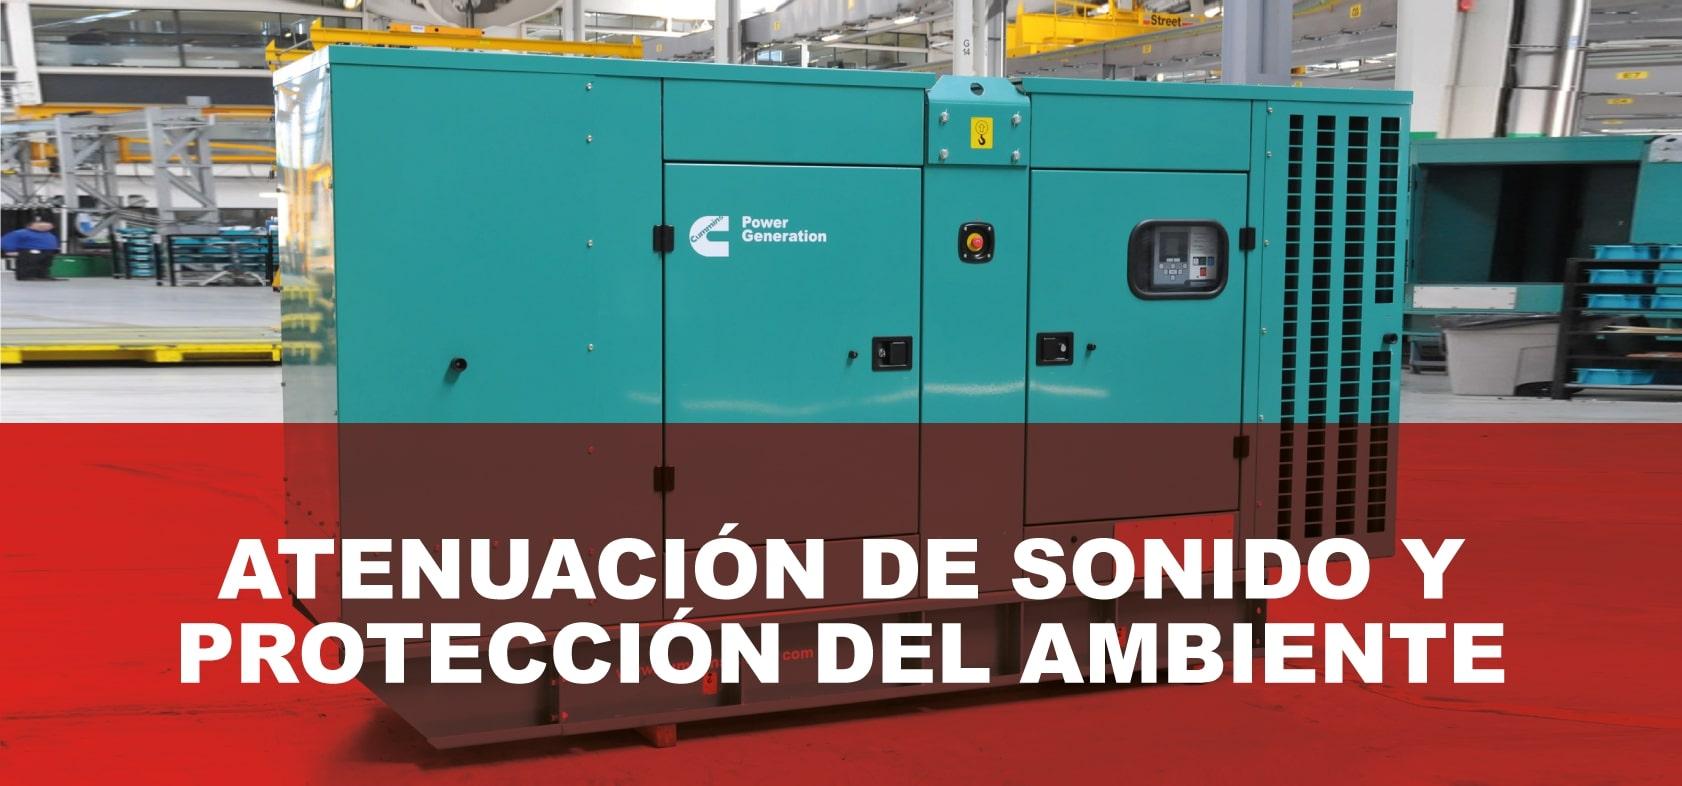 atenuación de sonido y protección del ambiente en plantas eléctricas Cummins